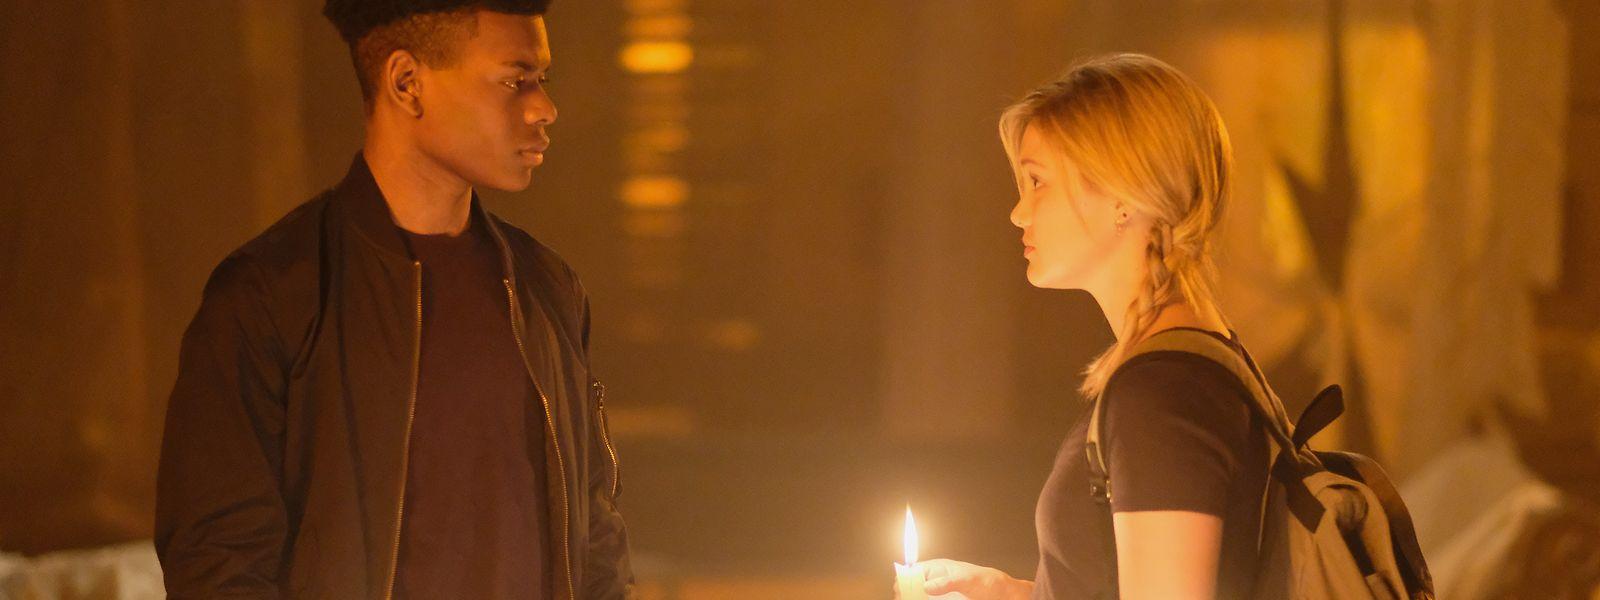 Kommt Licht in das Dunkel? Tyrone (l.) und Tandy versuchen herauszufinden, wie ihre Kräfte funktionieren und wie sie miteinander in Verbindung stehen.